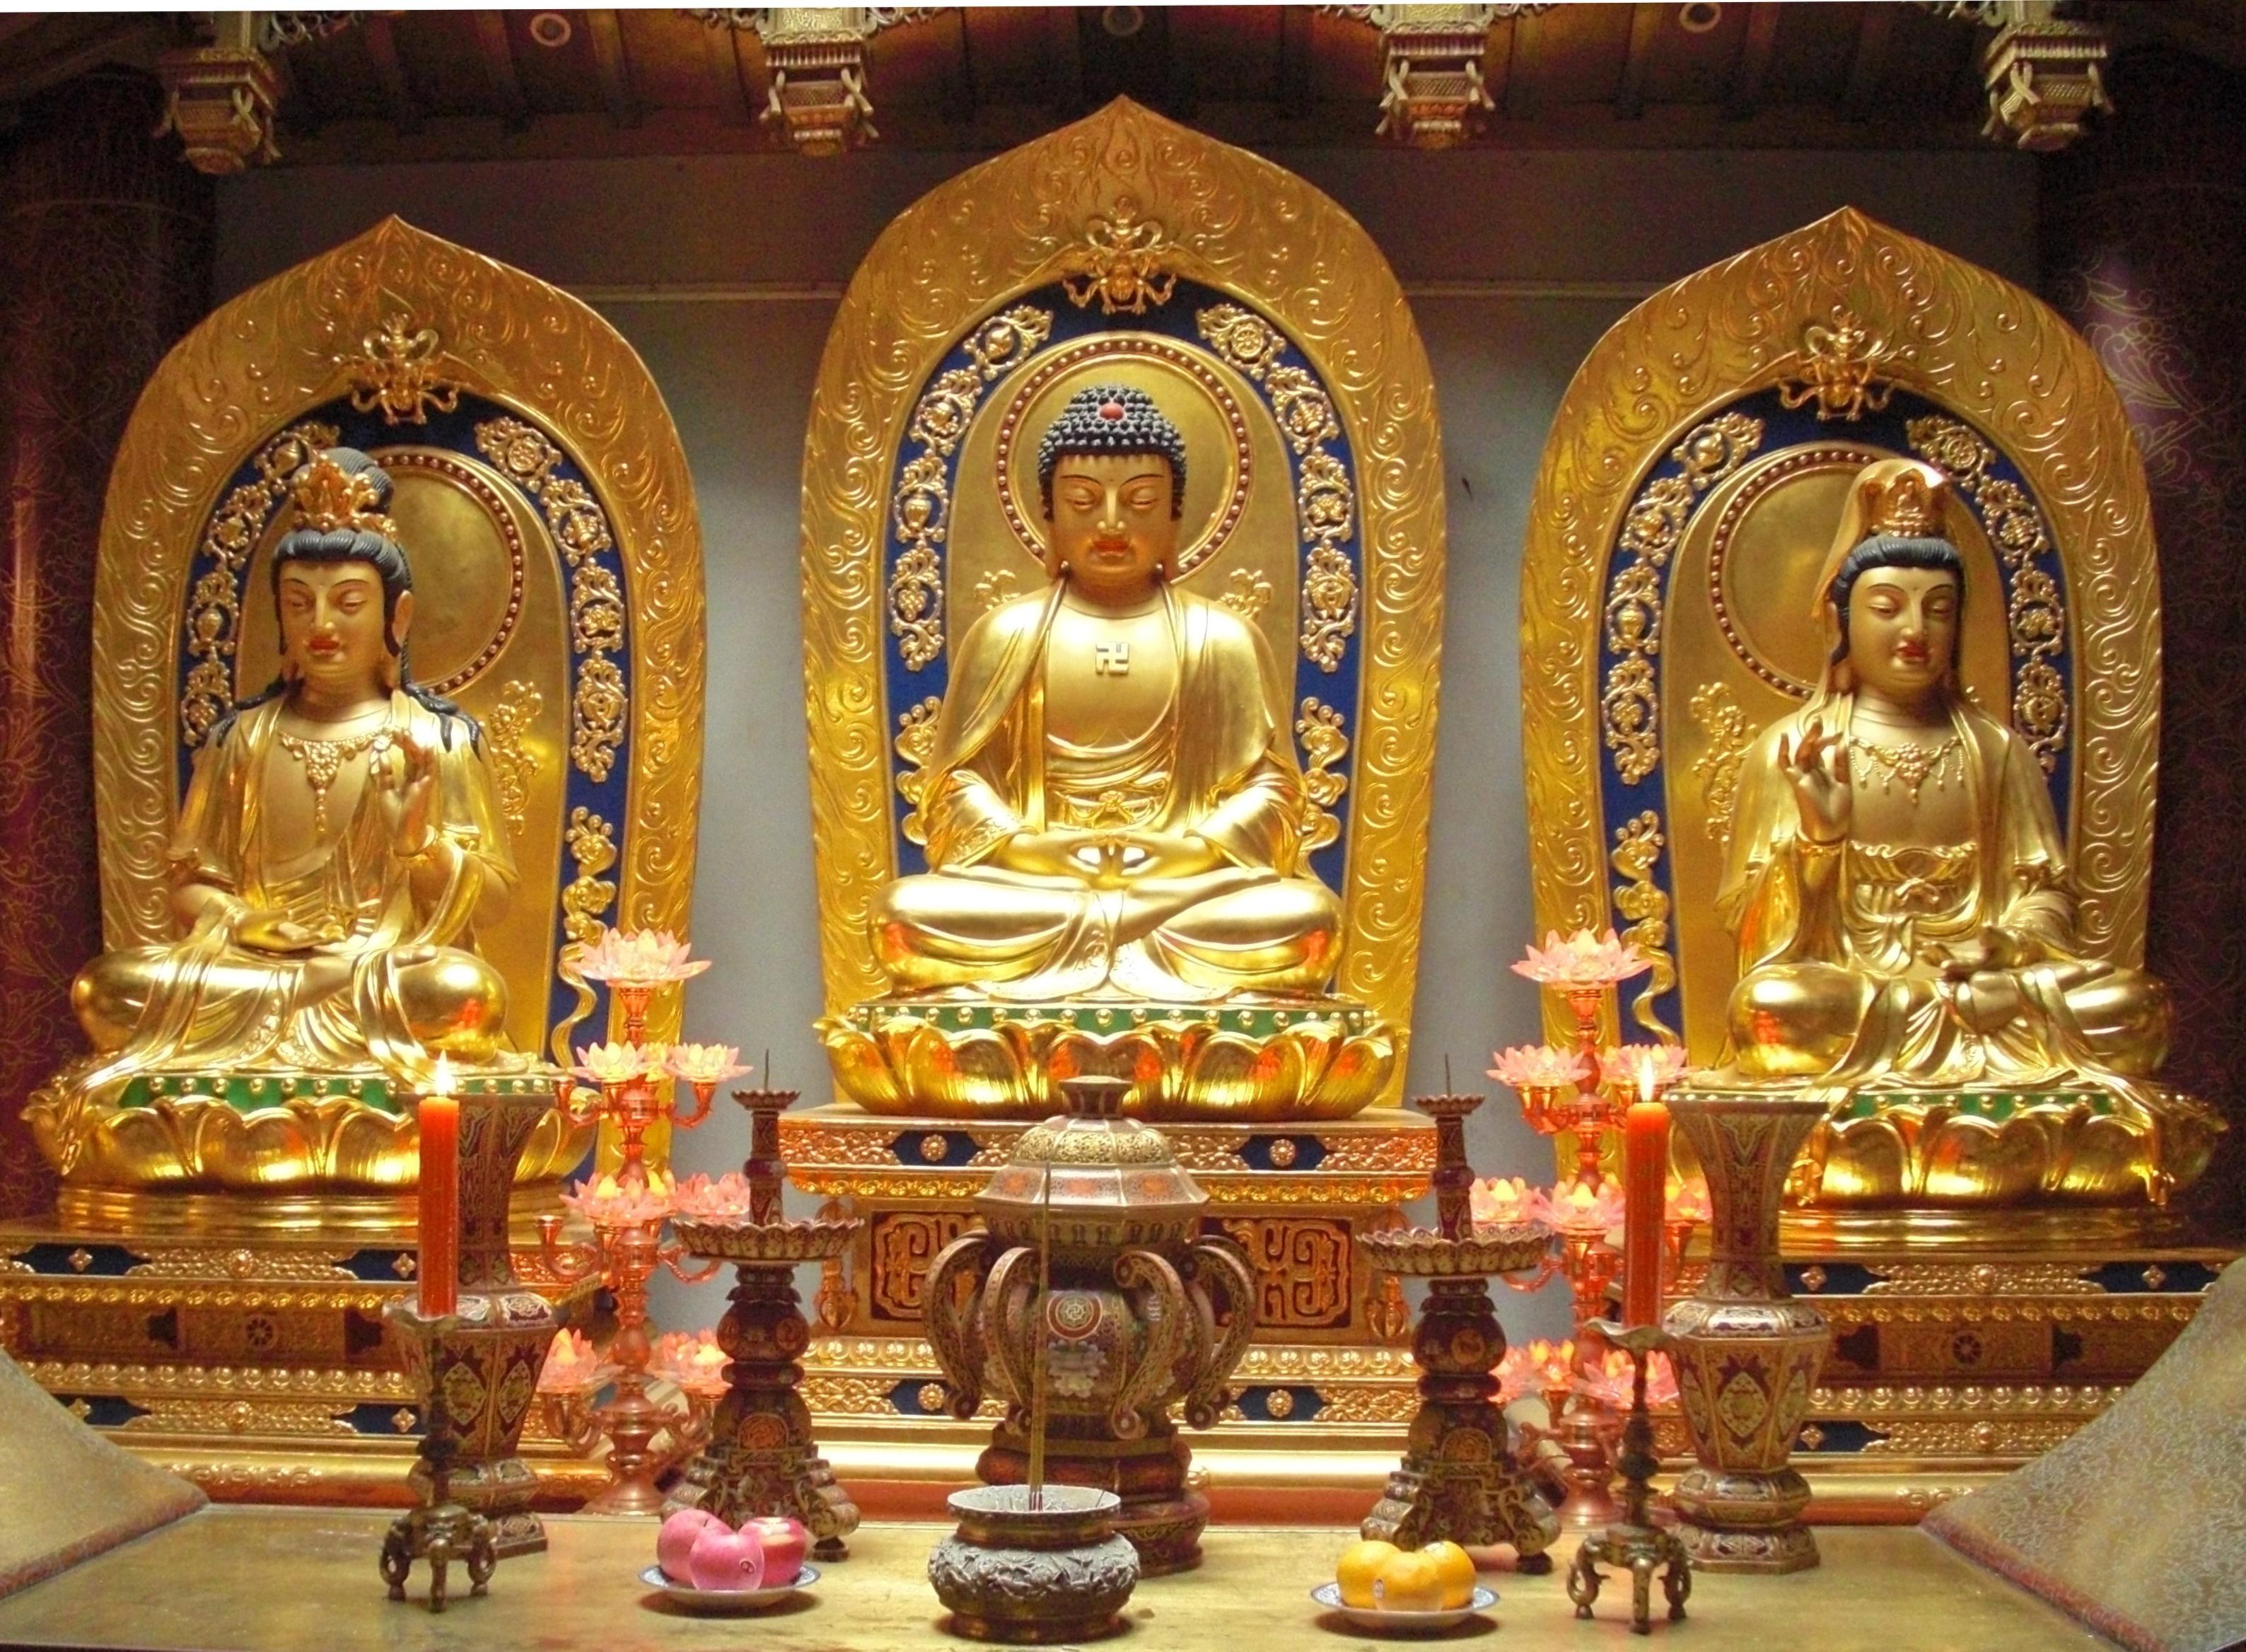 File:Amitabha Buddha and Bodhisattvas.jpeg - Wikimedia Commons